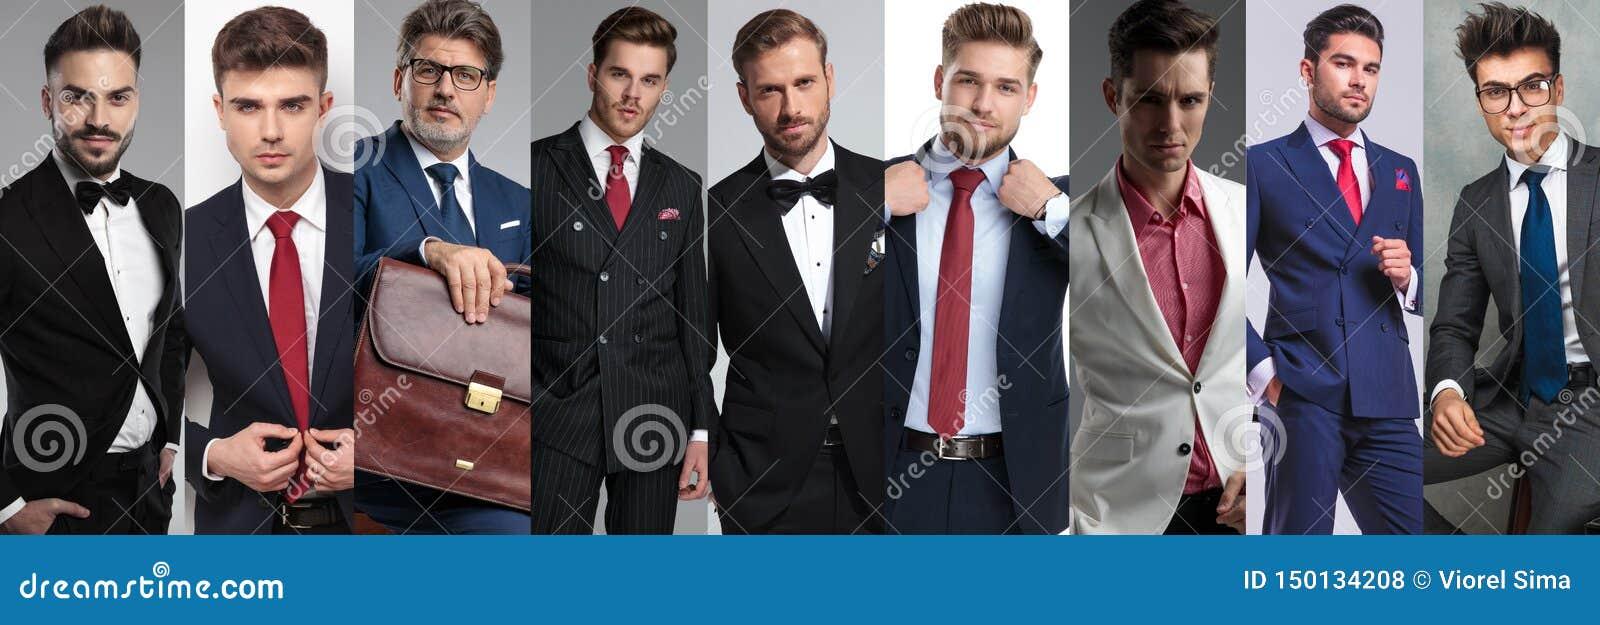 Un immagine del collage di nove uomini casuali differenti che indossano i vestiti